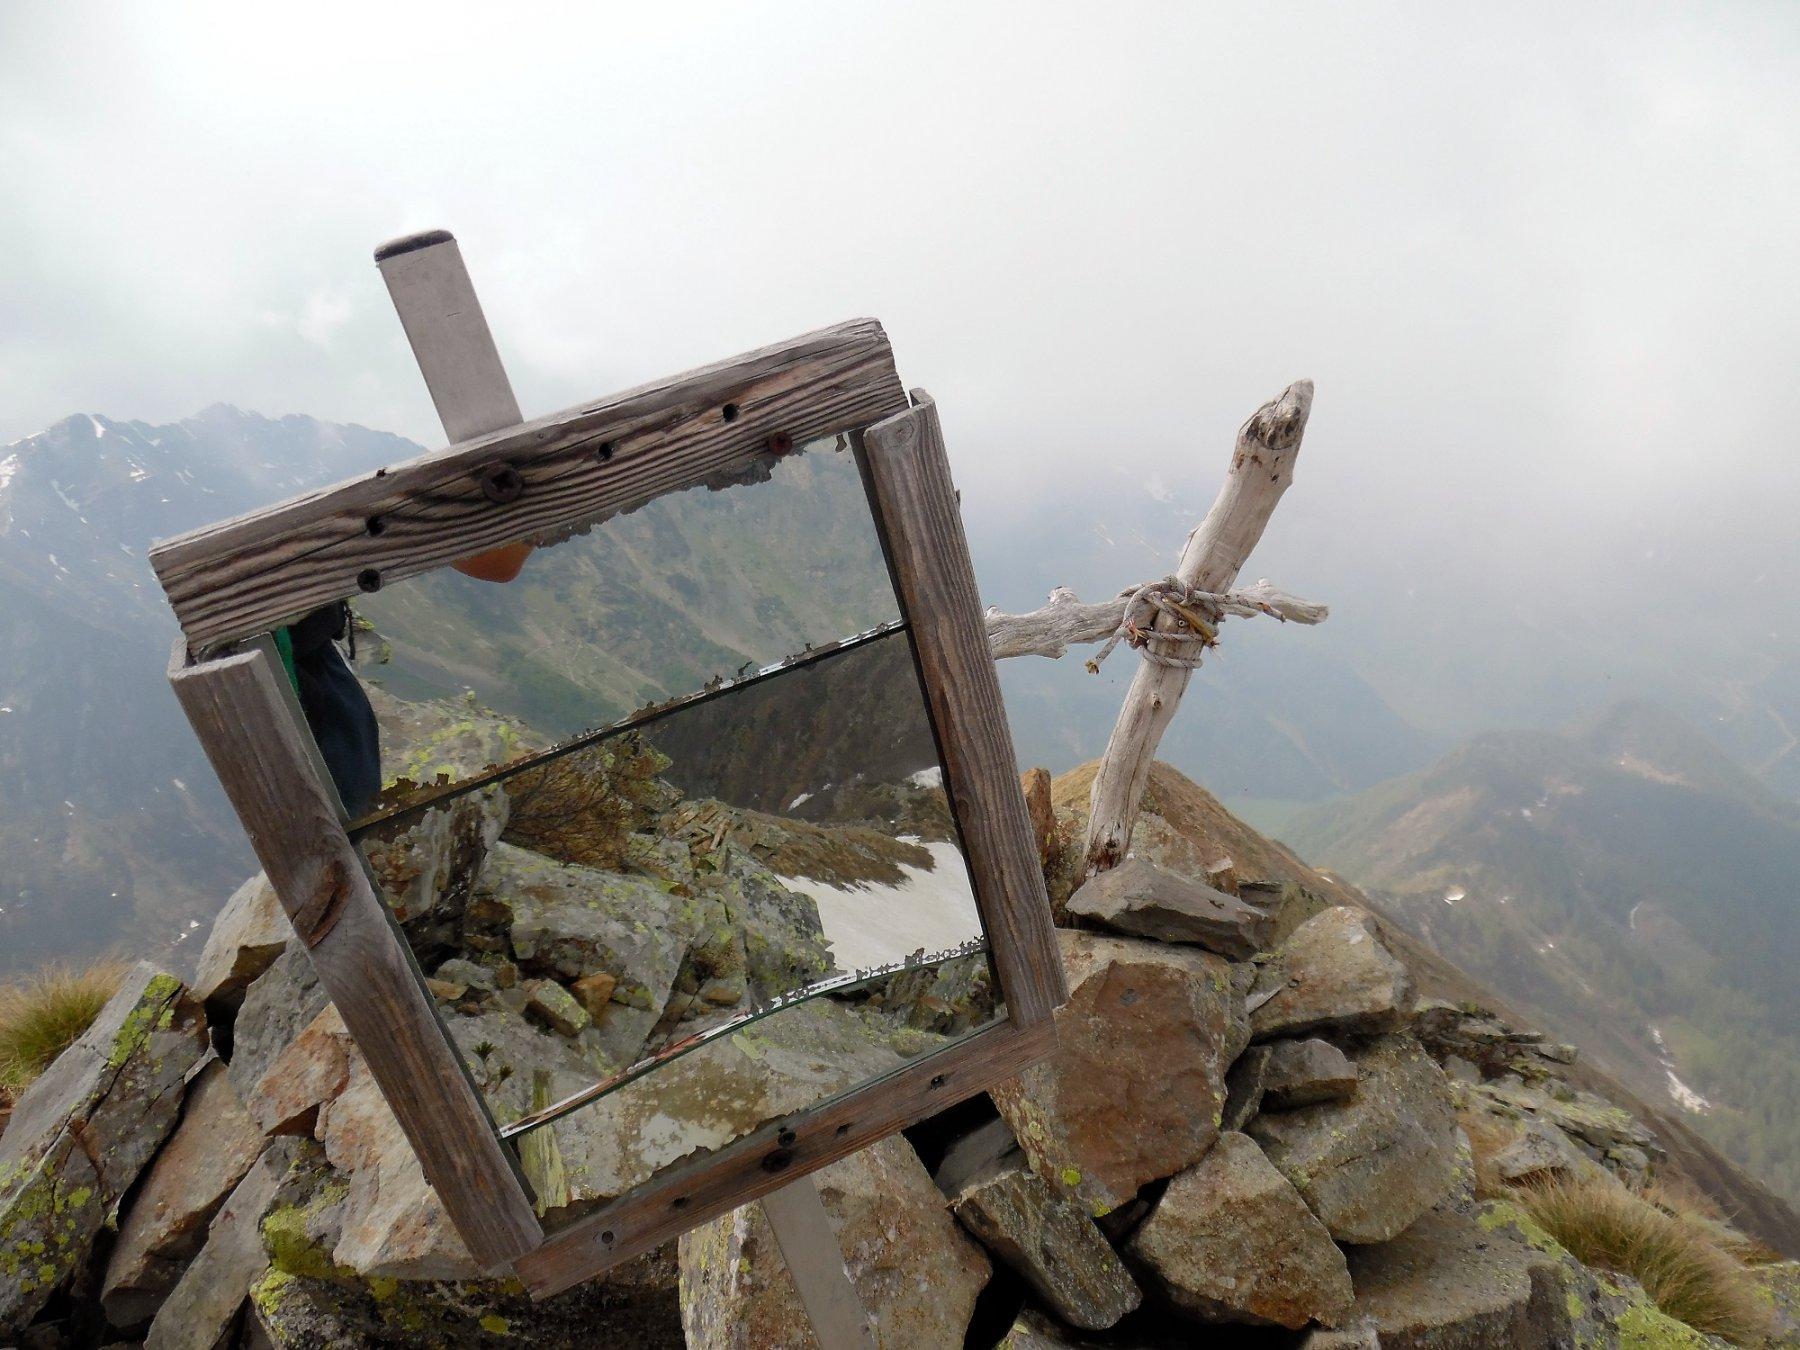 Monte Pomnolo 2257 m. Vetta con croce e specchio!